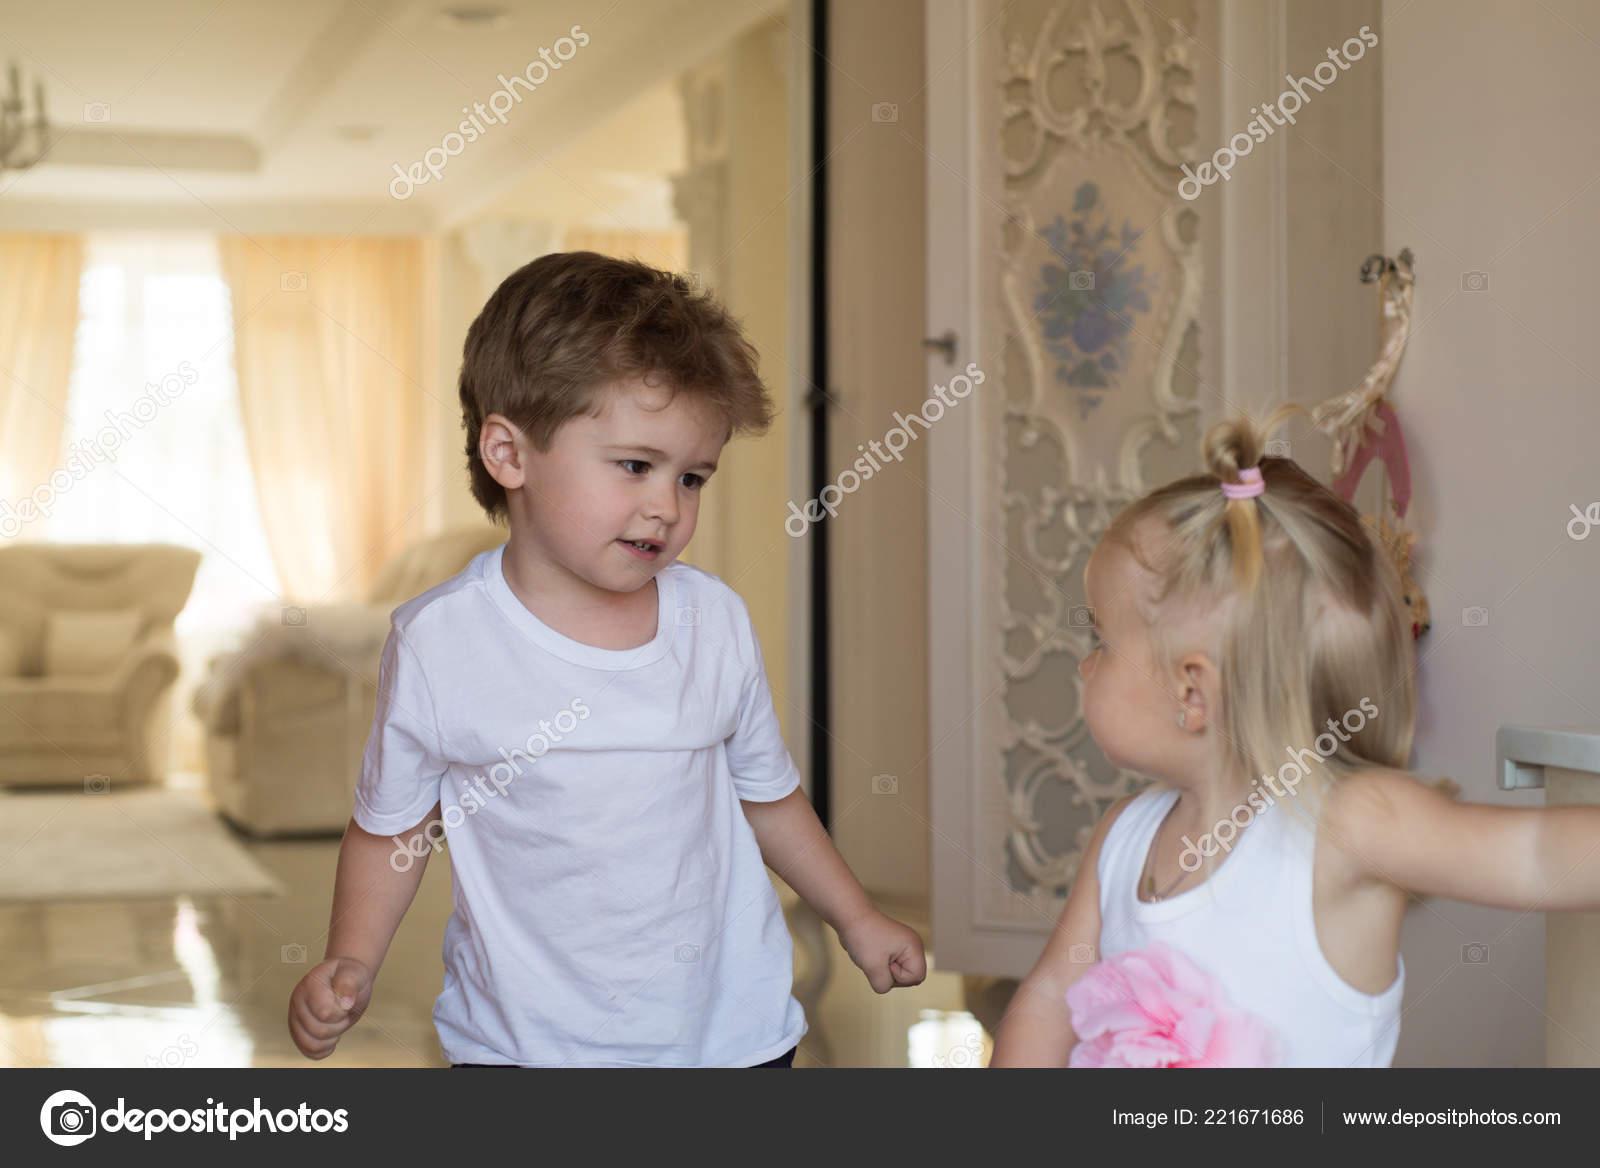 Tolle Haare Beauty Salon Kleine Kinder Mit Stilvollen Frisuren